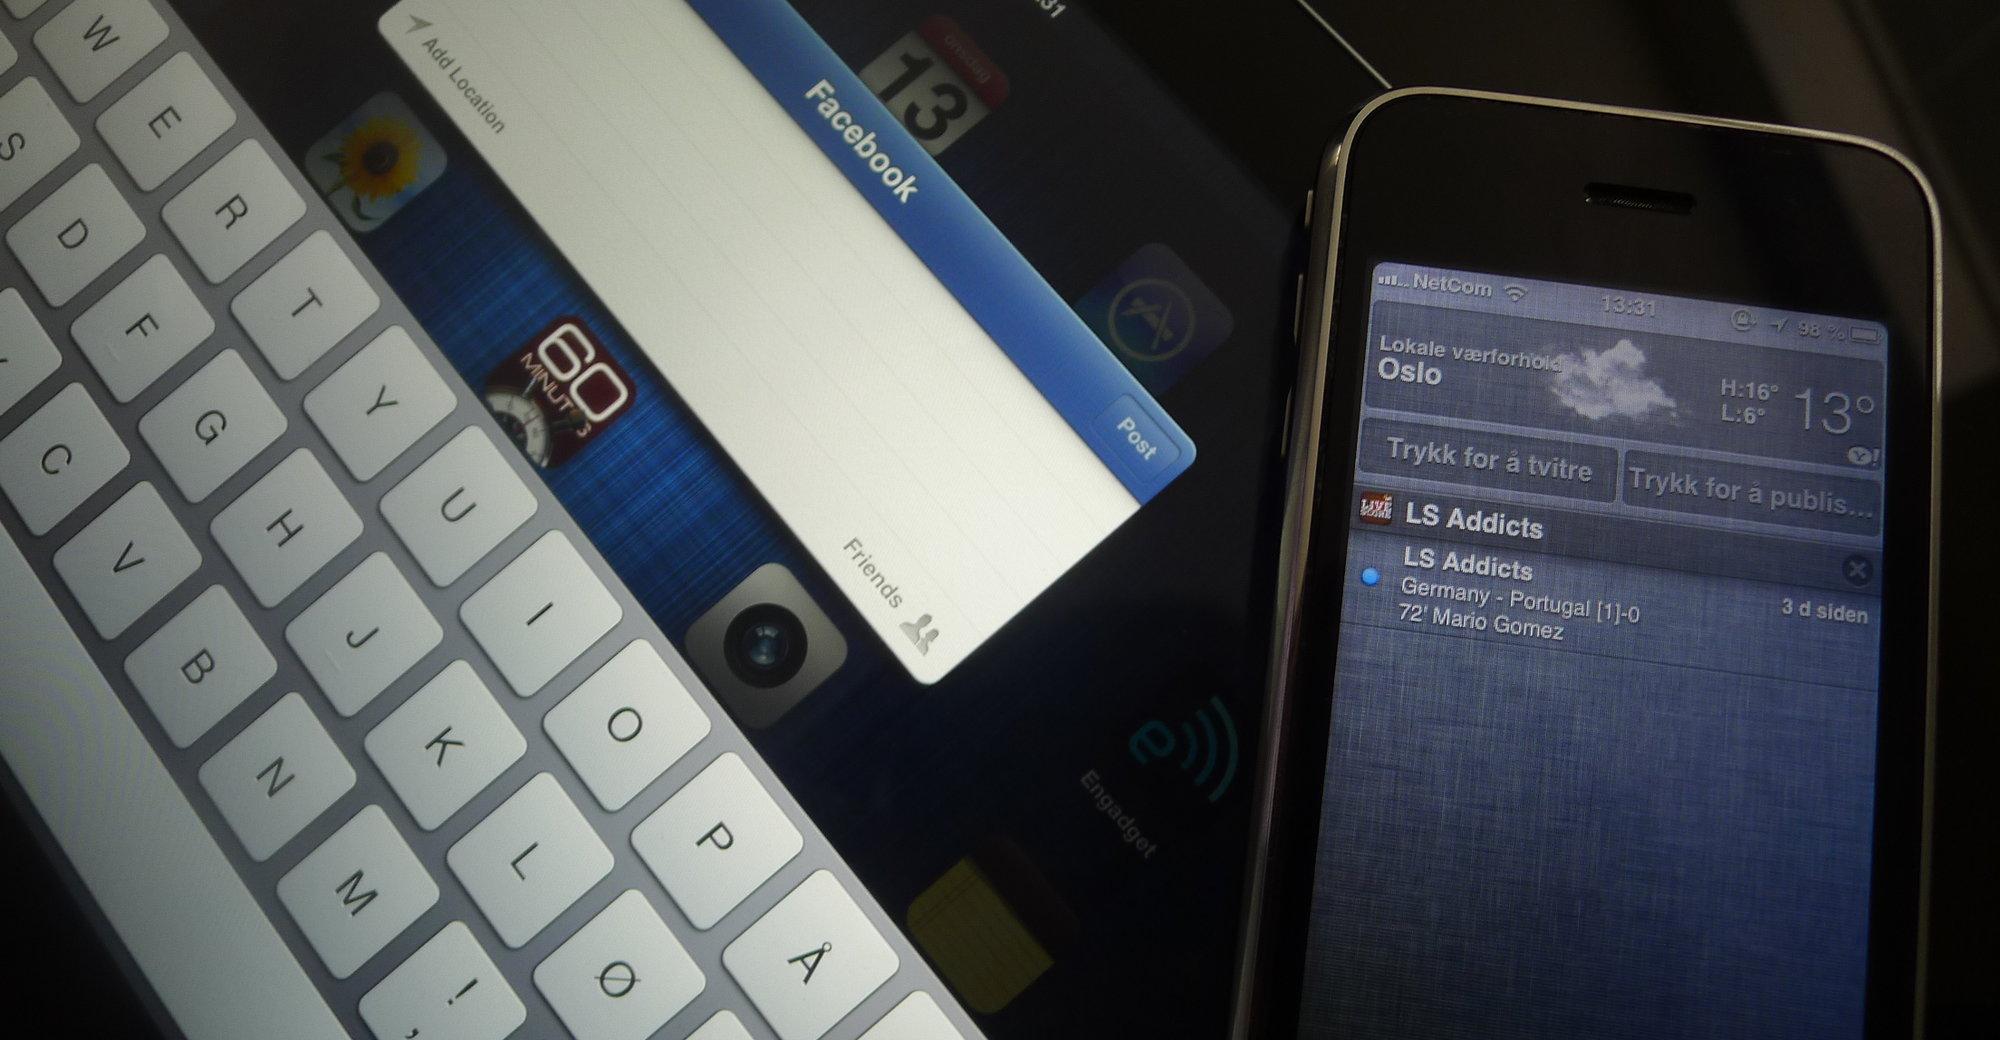 Vi har tatt en liten titt på iOS 6 - den første beta-versjonen som ble lansert under årets WWDC.